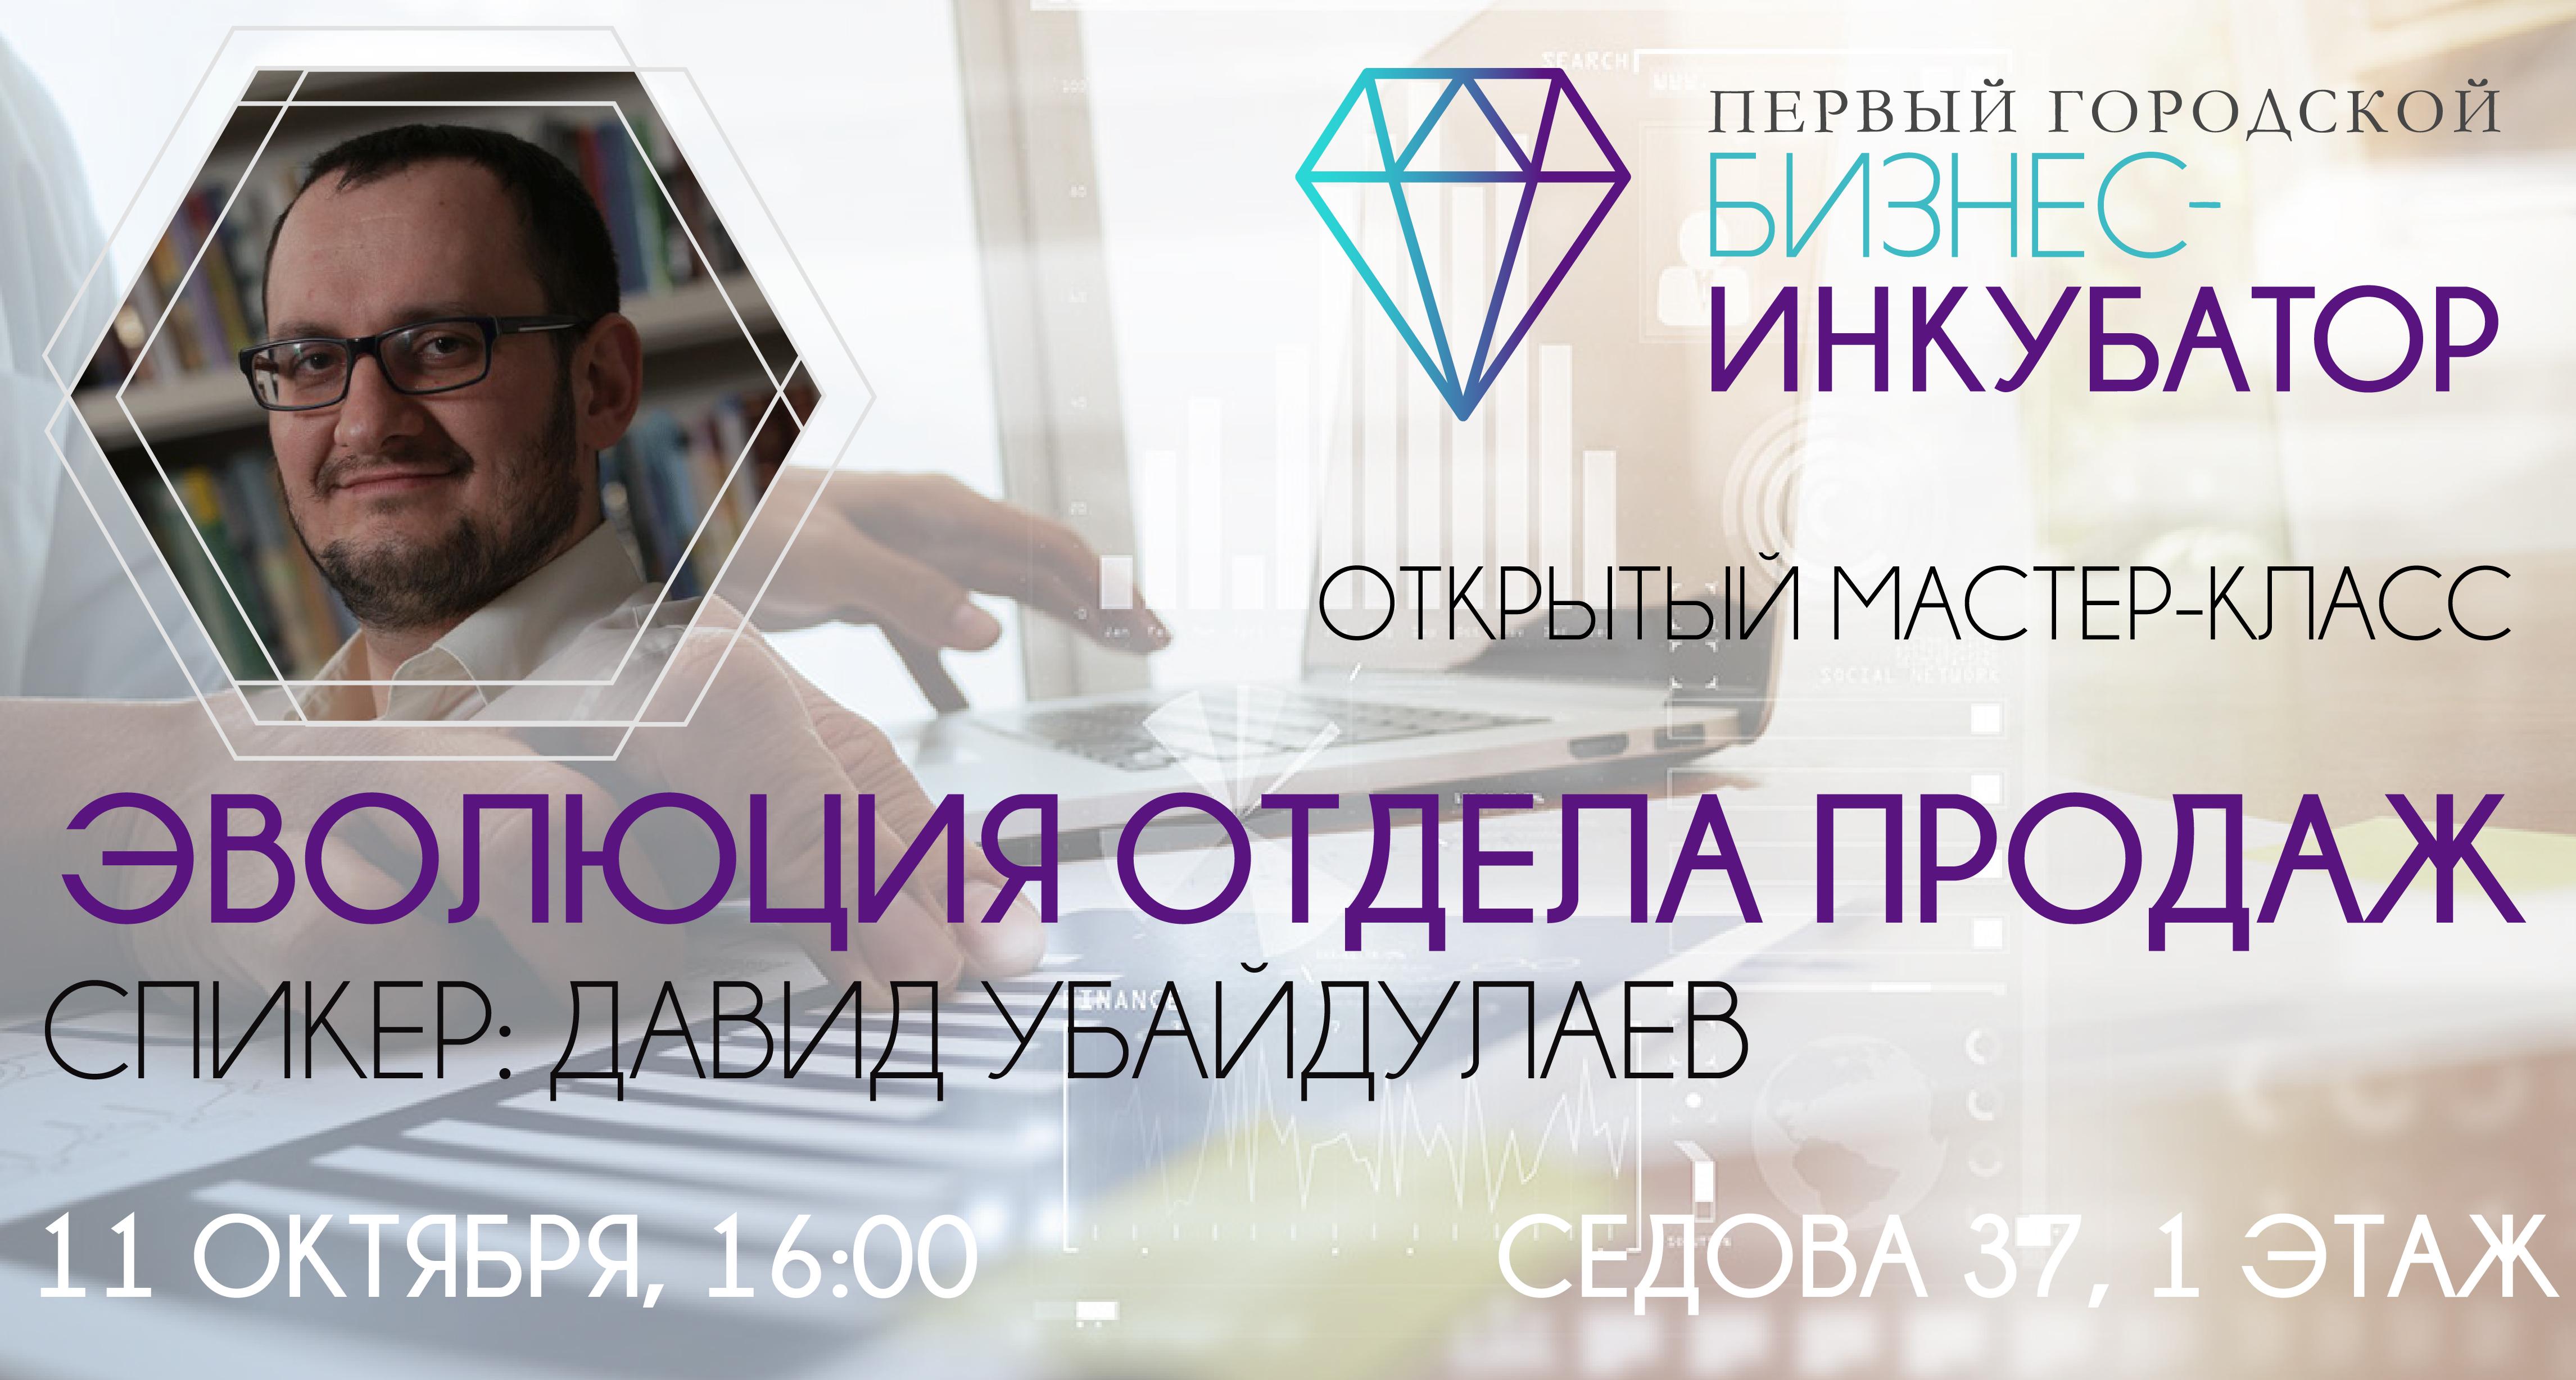 """Бесплатный семинар """"Эволюция отдела продаж"""", 11 октября"""